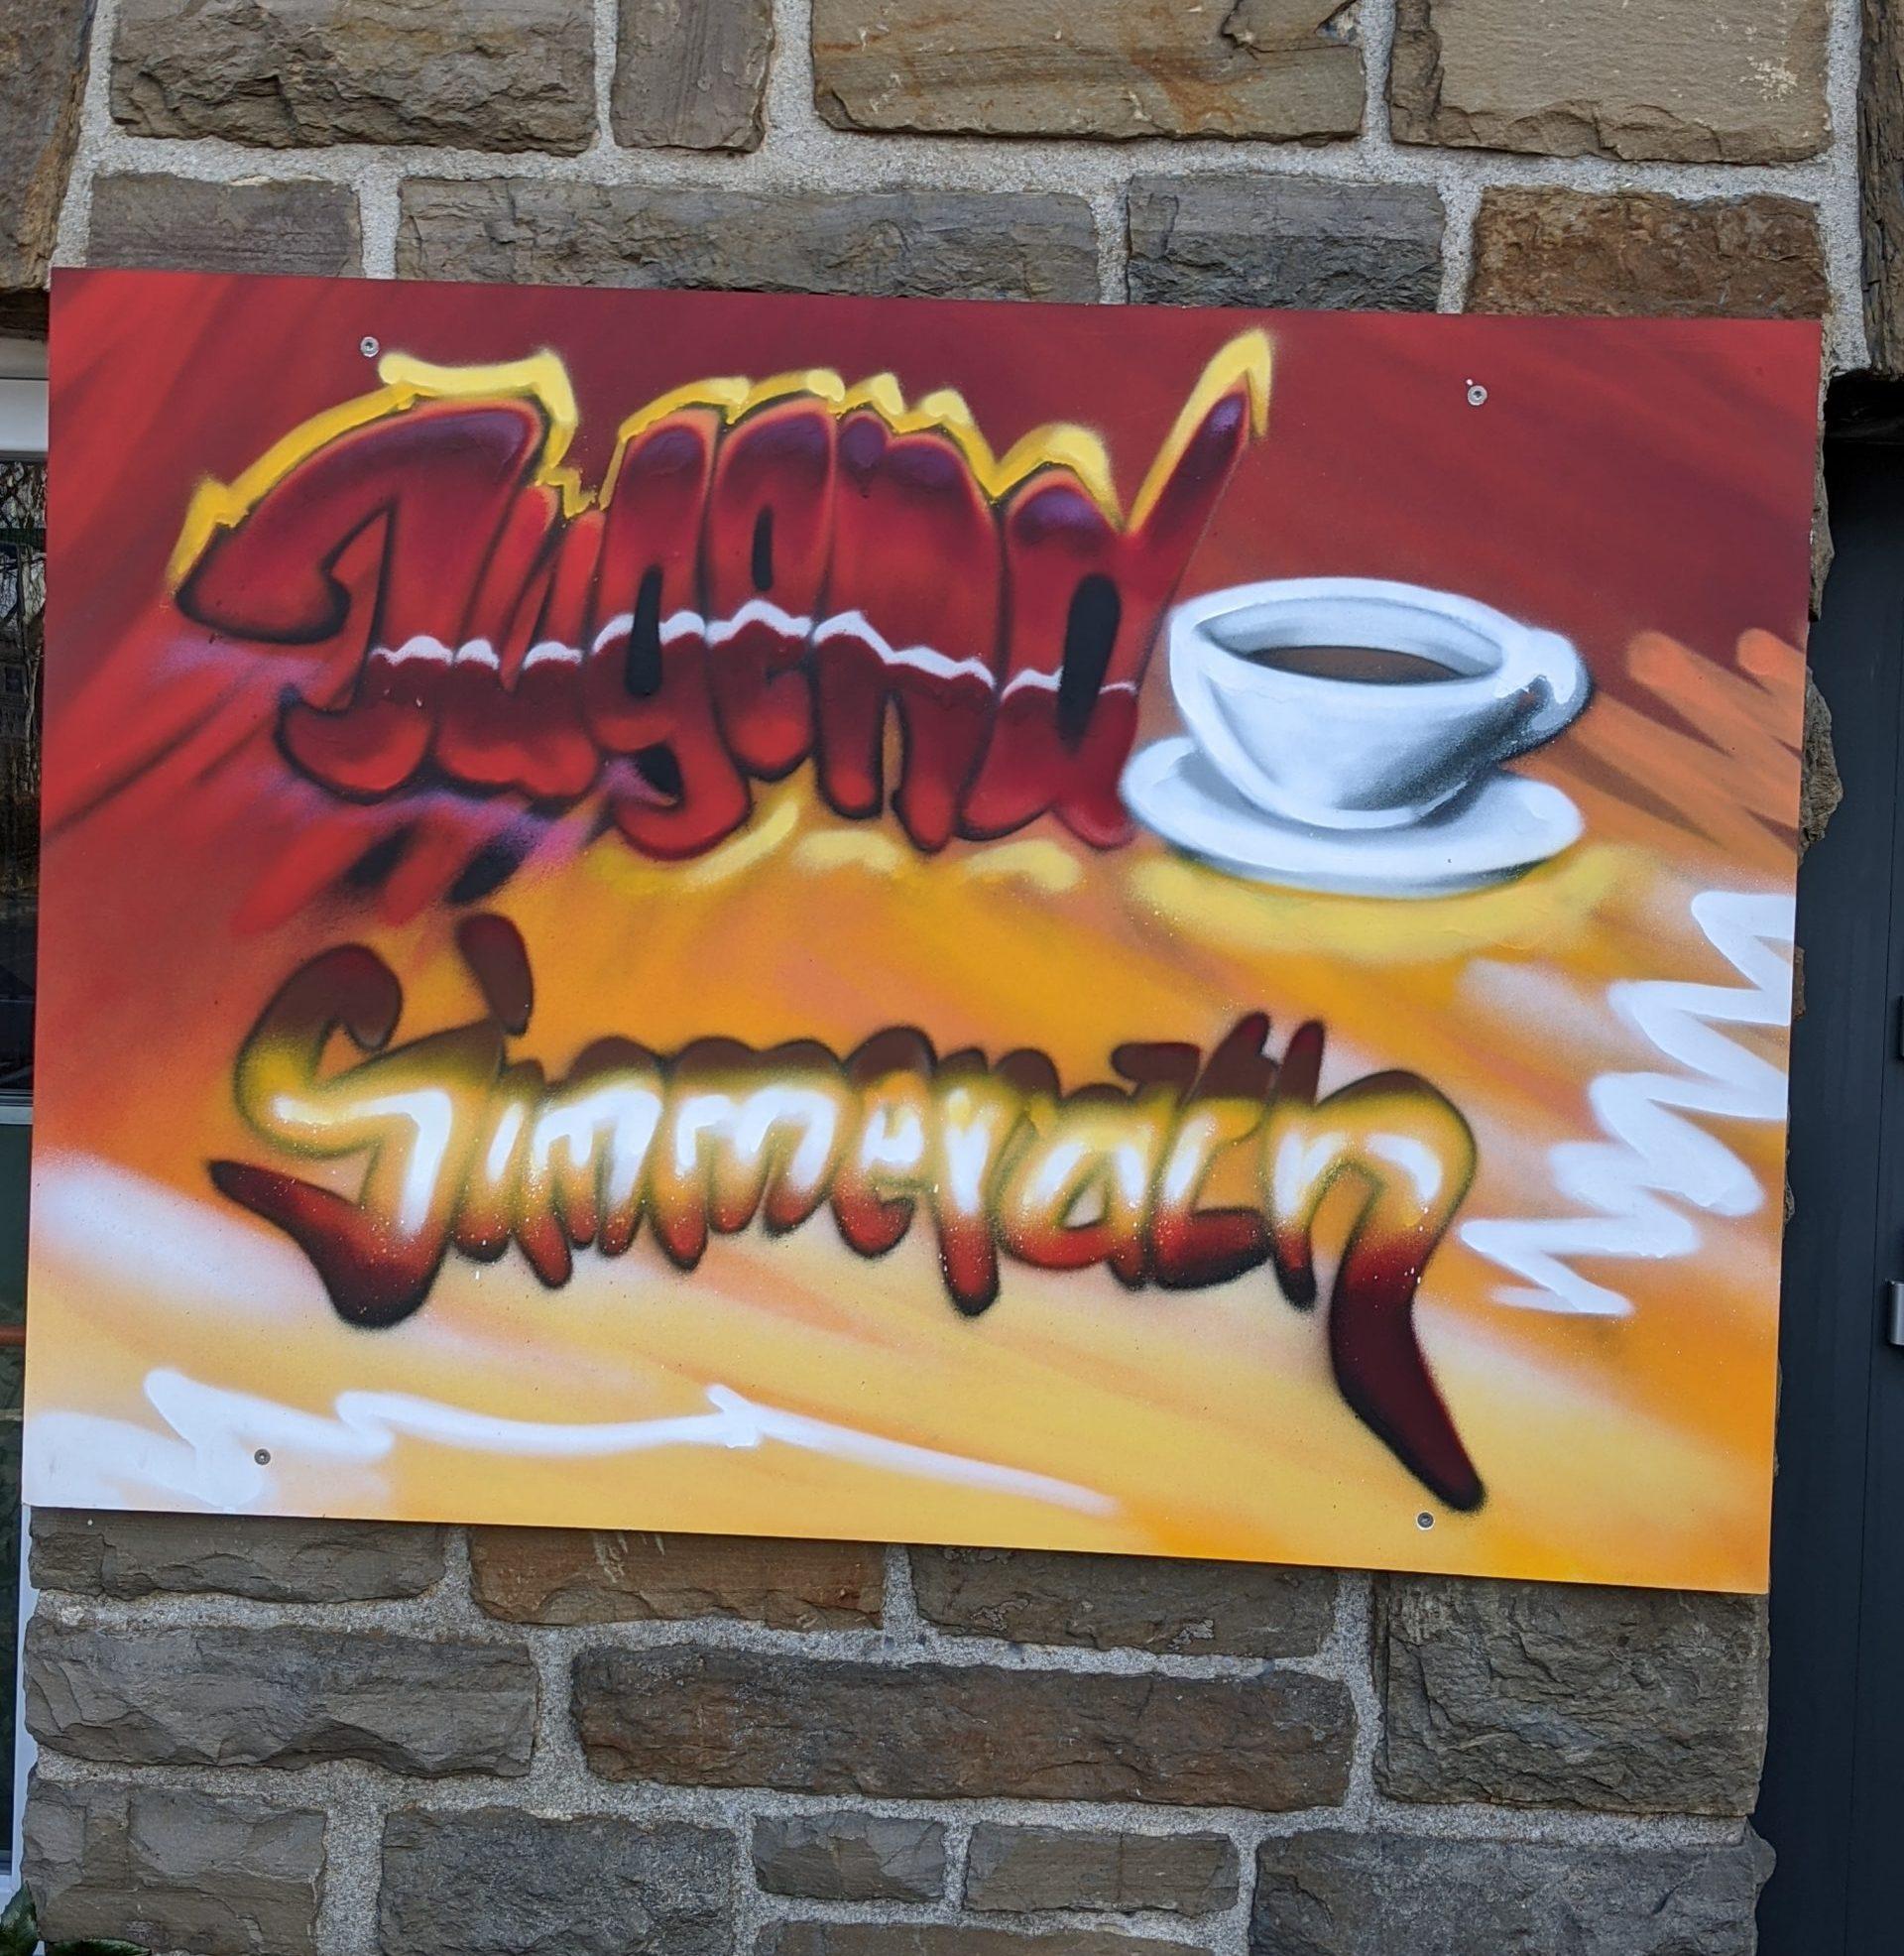 Jugendcafé Simmerath